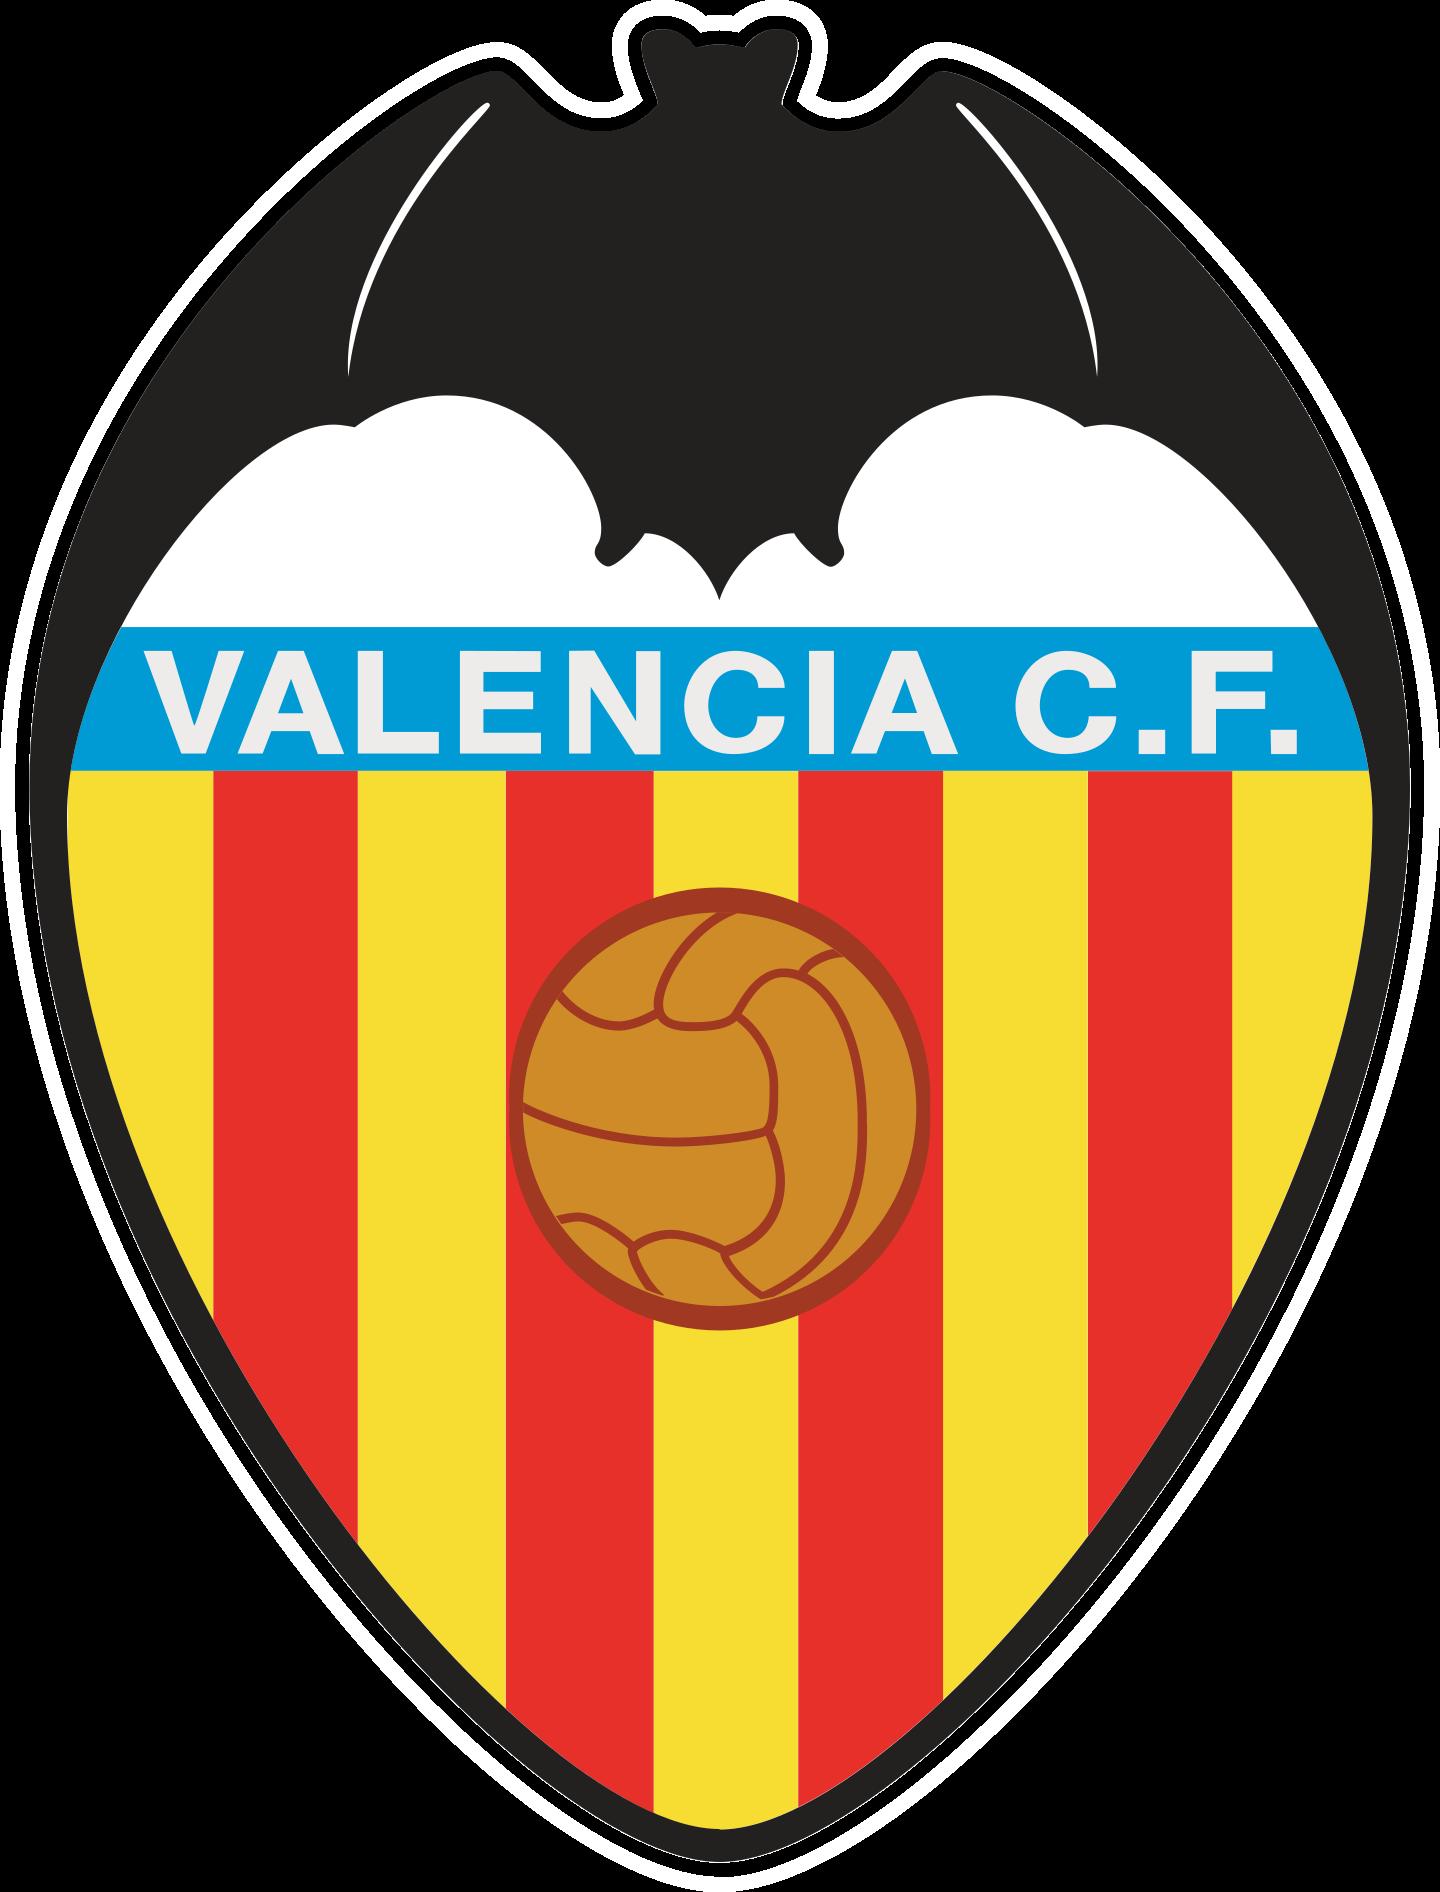 valencia cf logo escudo 2 - Valencia CF Logo